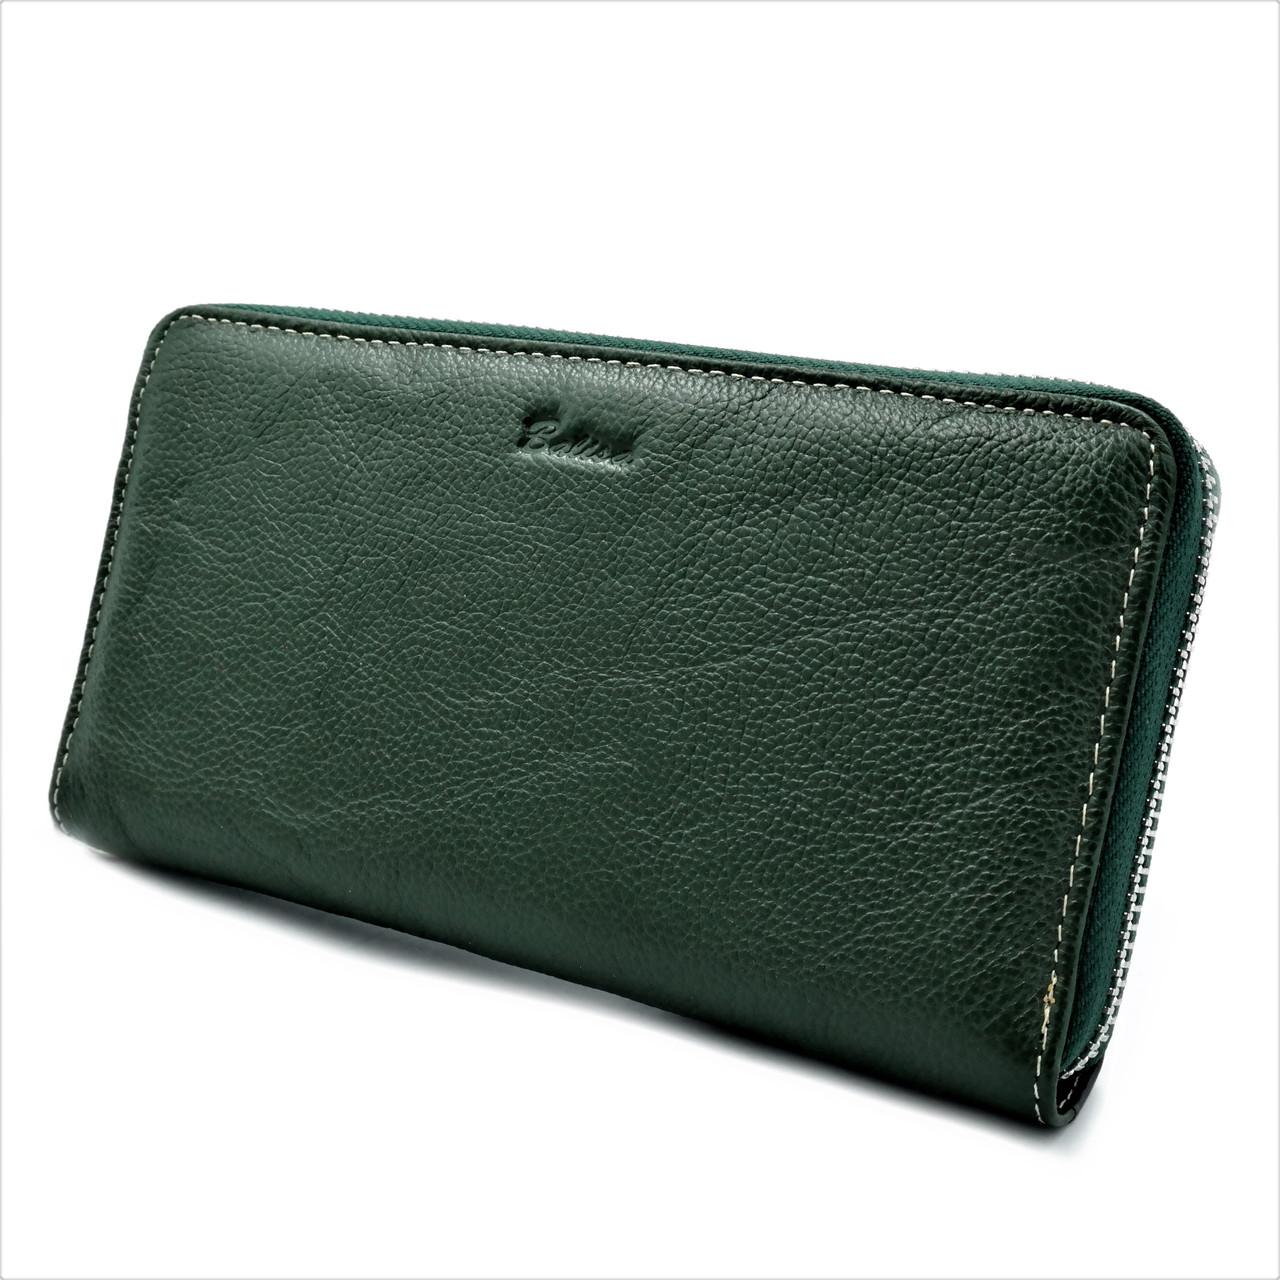 Жіночий шкіряний гаманець Зелений + Чорний Якісний жіночий гаманець Великий гаманець молодіжний для дівчини